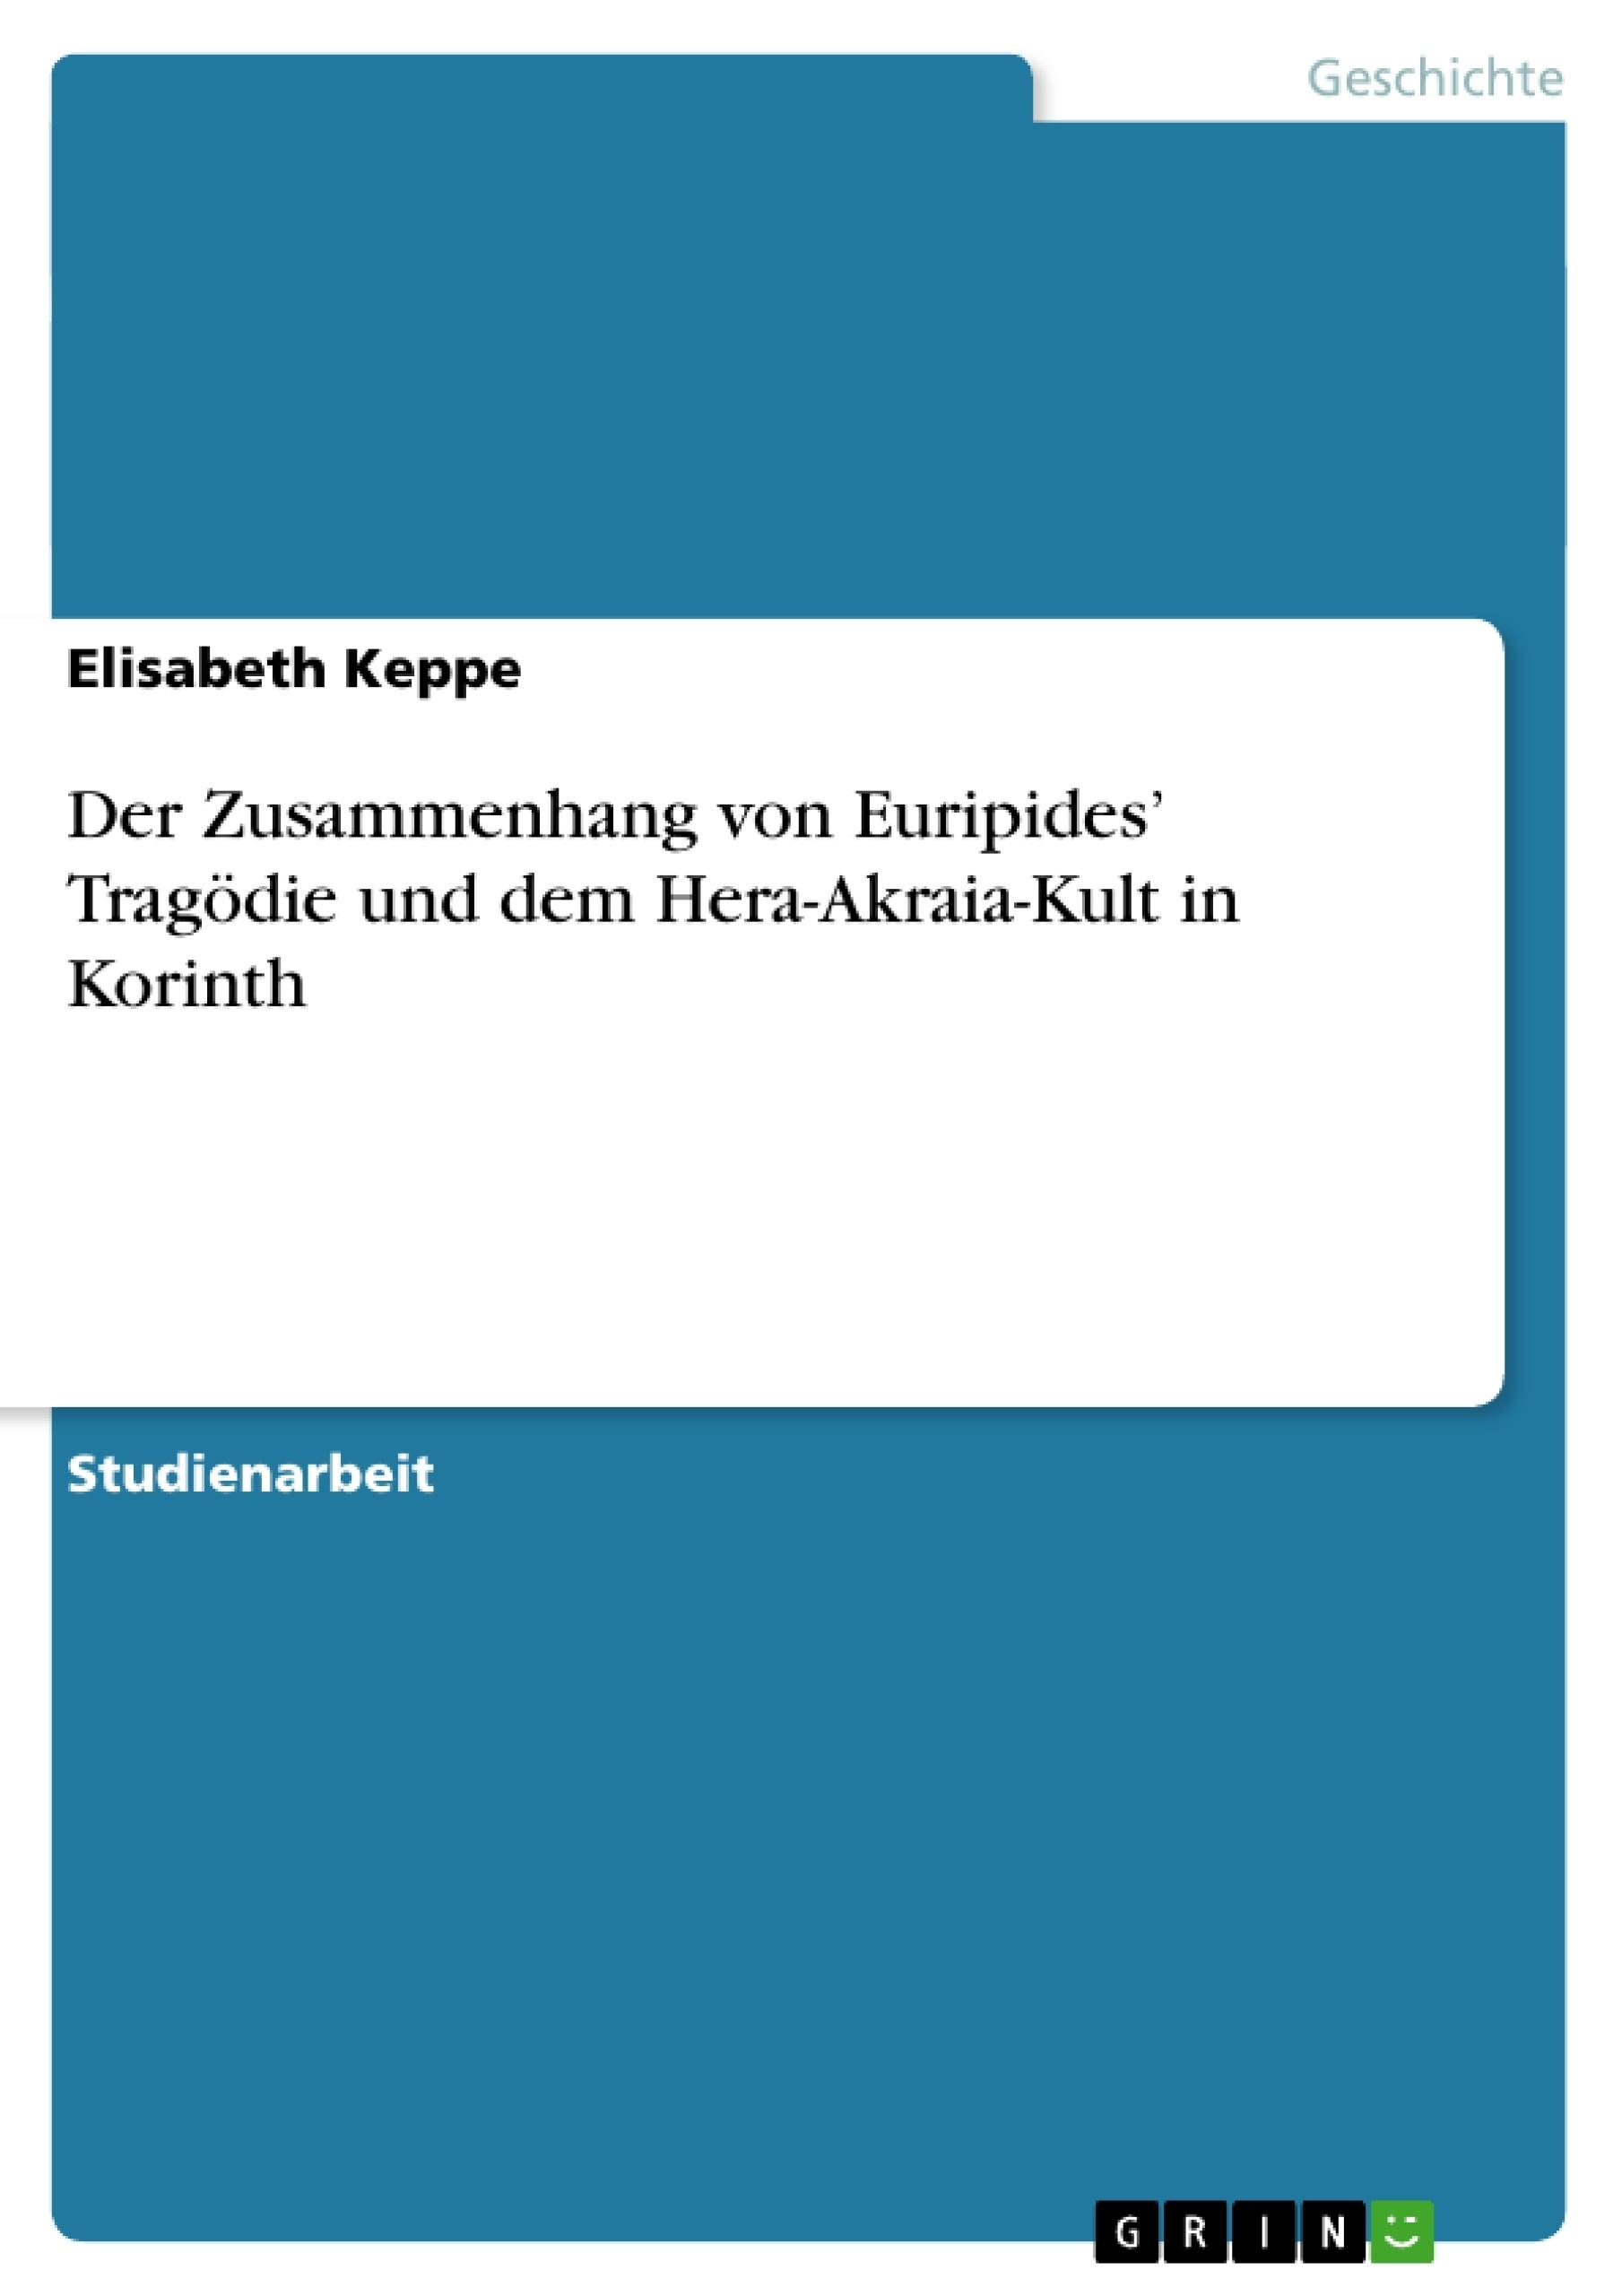 Titel: Der Zusammenhang von Euripides' Tragödie und dem Hera-Akraia-Kult in Korinth